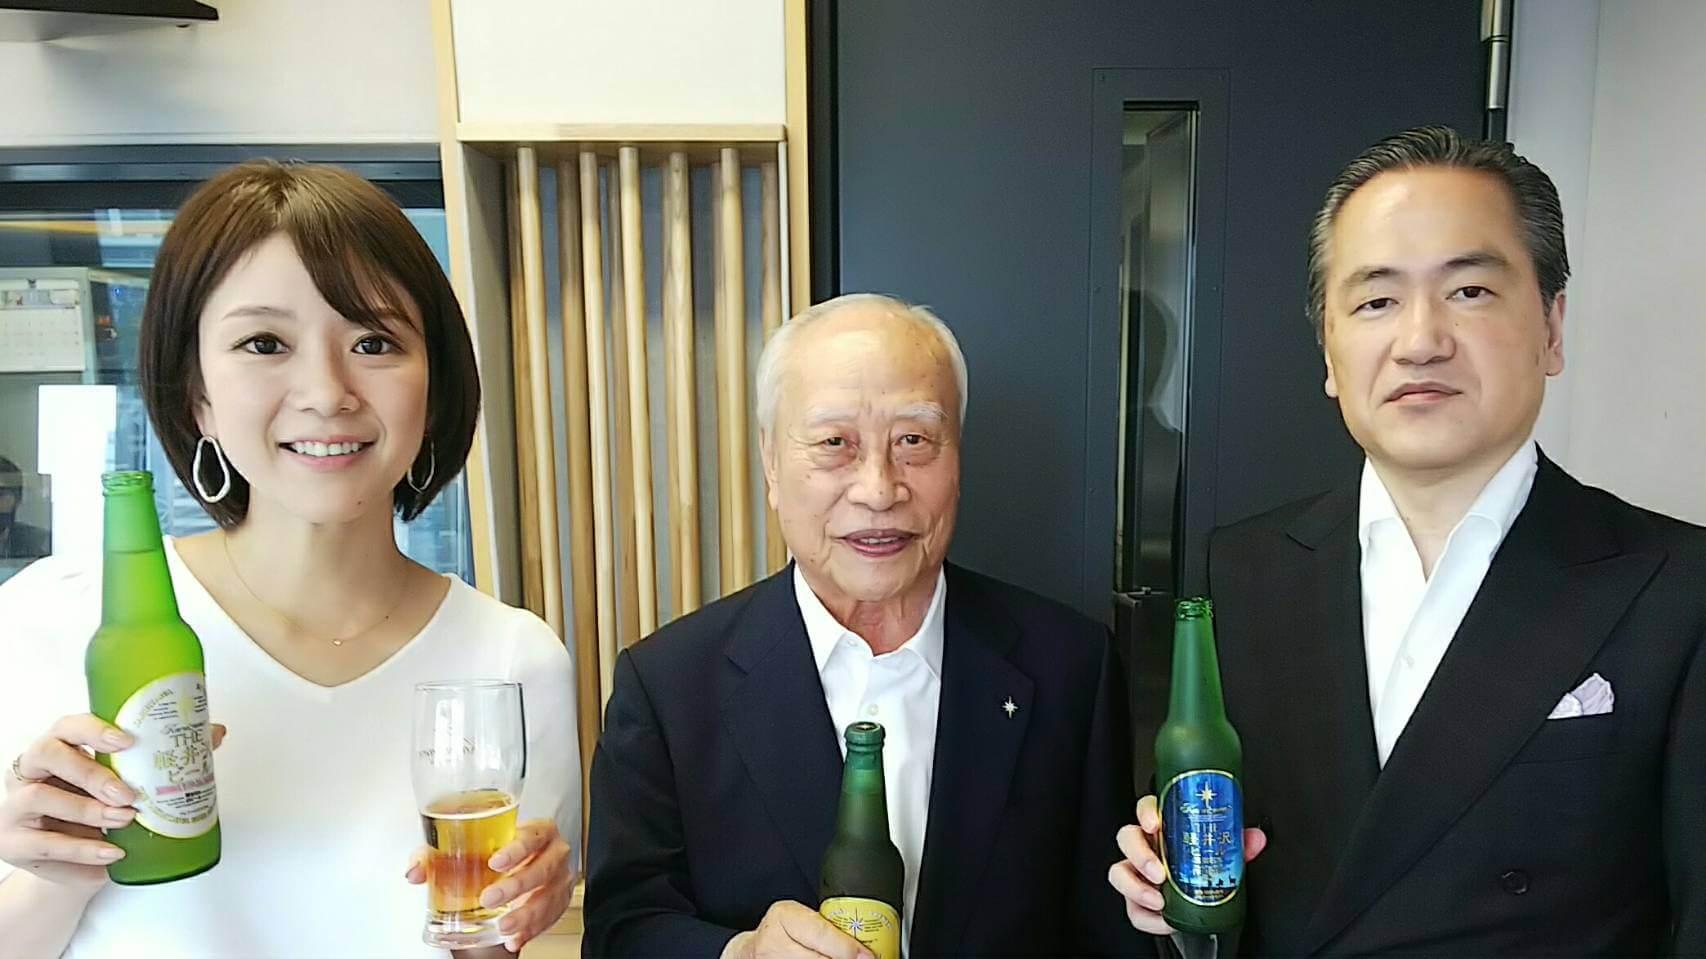 こんなビールは他にはない!「家族愛」がコンセプトの地ビール!軽井沢ブルワリー・和田泰治会長